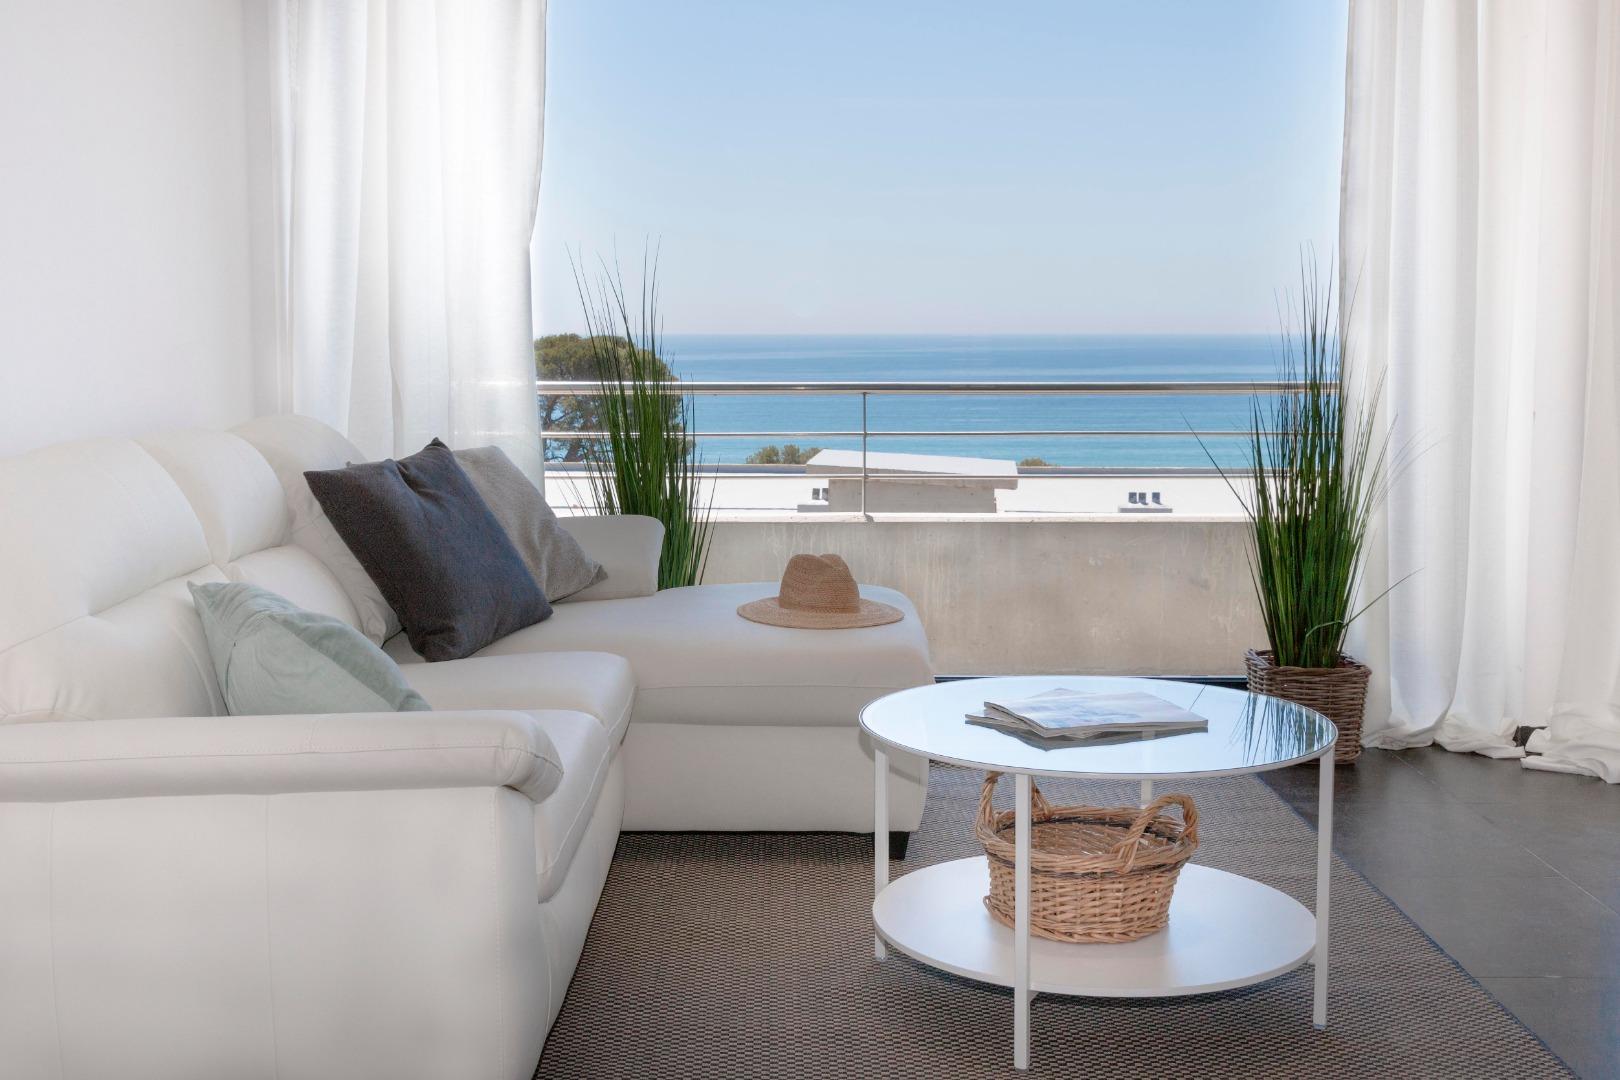 Rental Flat  Sant andreu de llavaneres, zona de - caldes d'estrac. Realizamos alquiler de temporada anual renovable apartamentos c